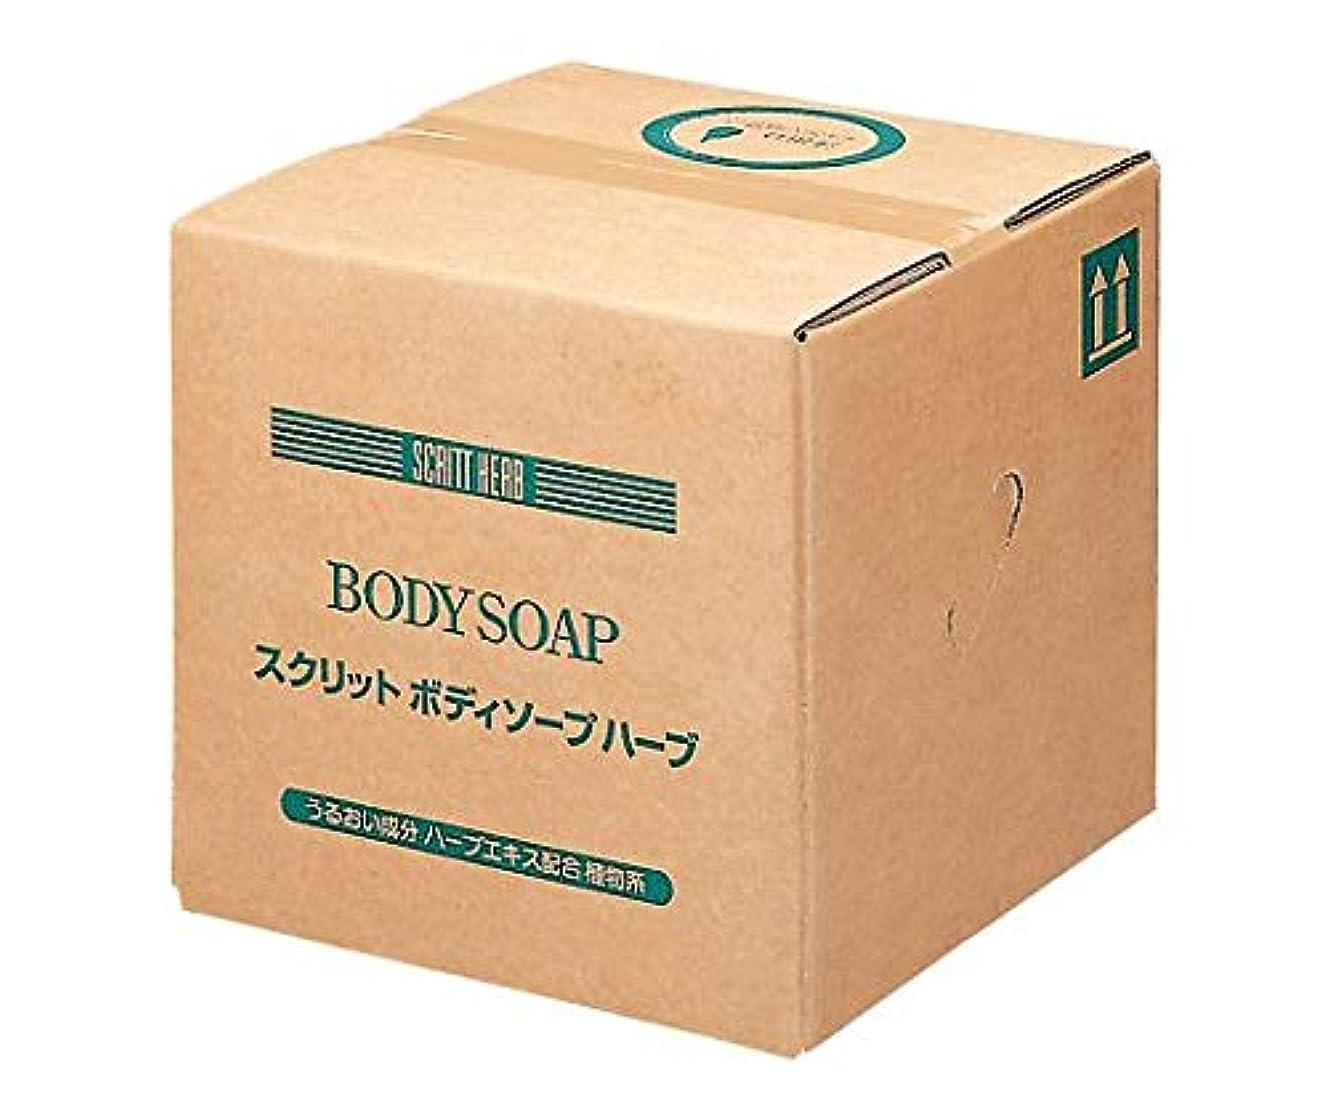 浜辺弾力性のある韓国熊野油脂 業務用 SCRITT(スクリット) ボデイソ-プ 18L